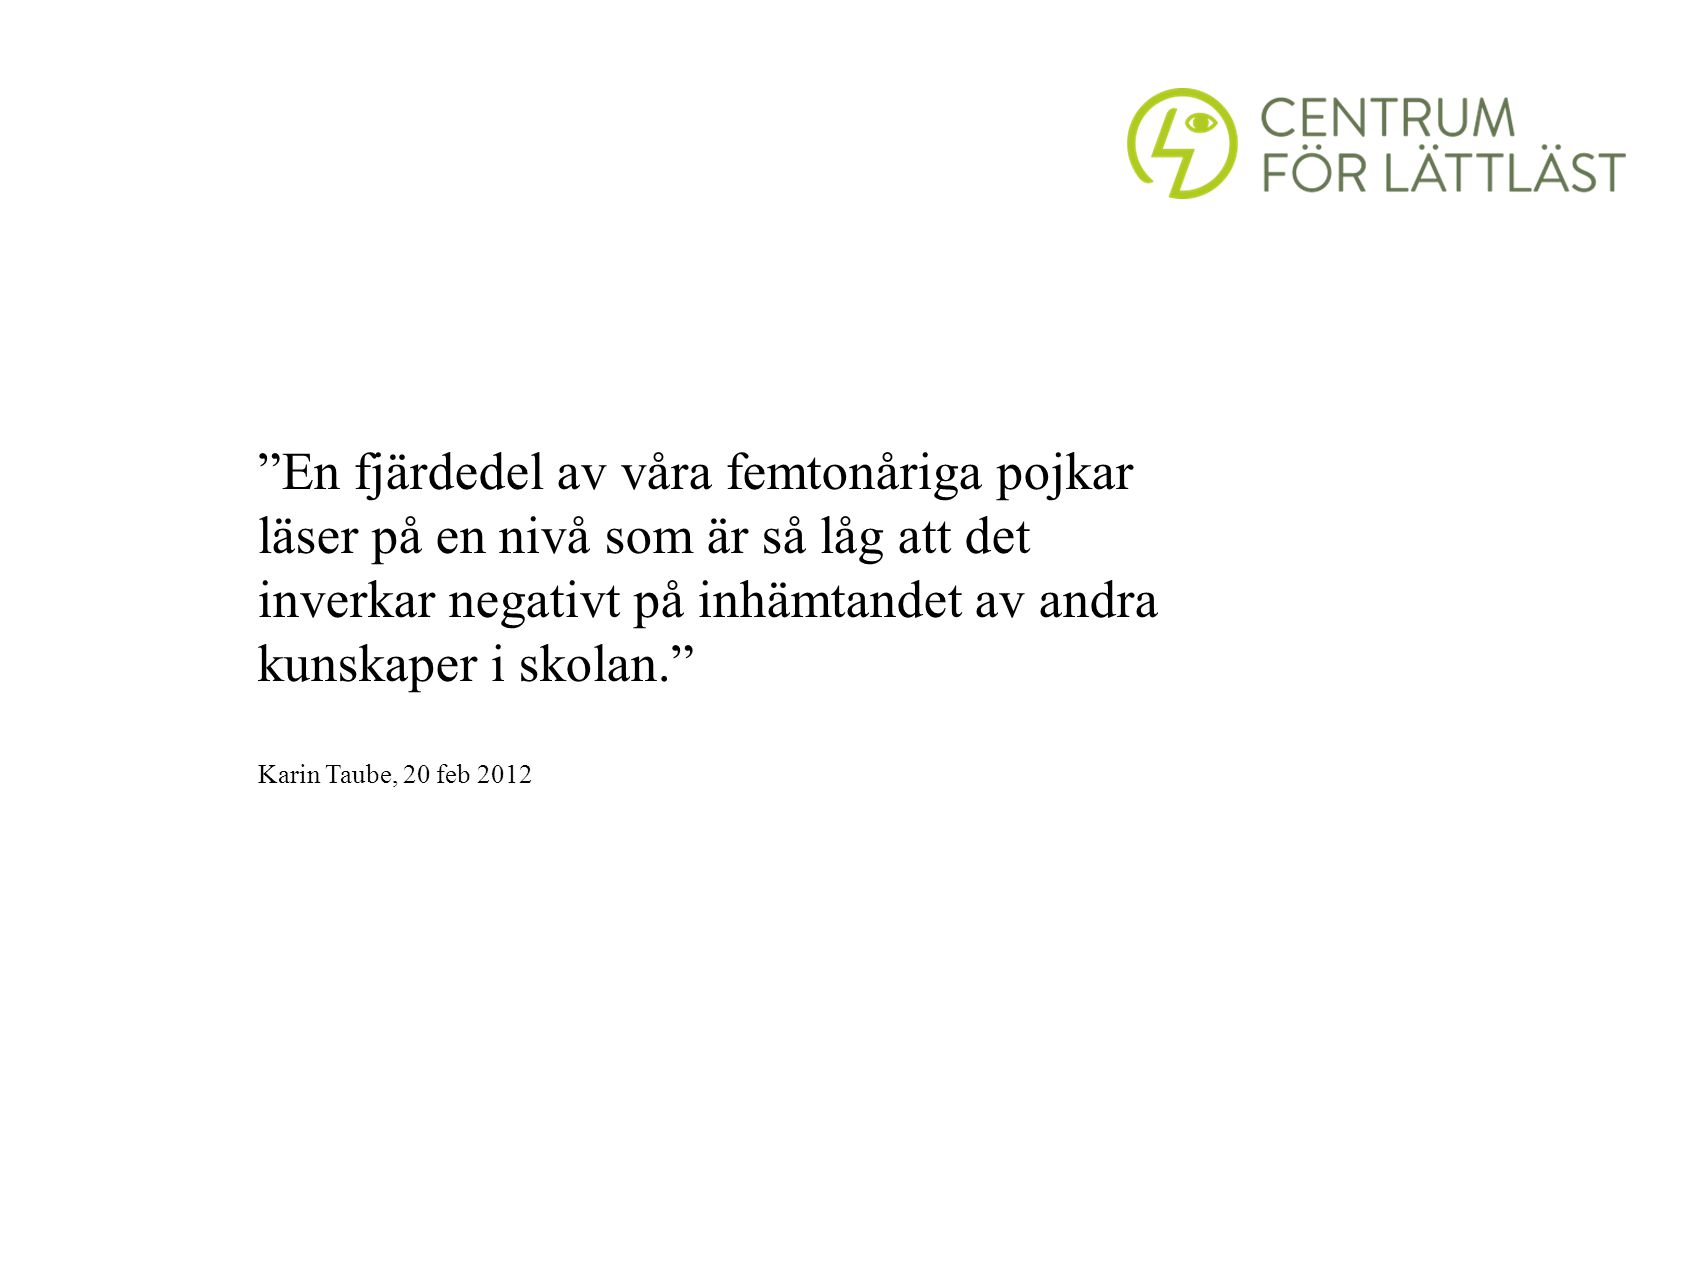 En fjärdedel av våra femtonåriga pojkar läser på en nivå som är så låg att det inverkar negativt på inhämtandet av andra kunskaper i skolan. Karin Taube, 20 feb 2012